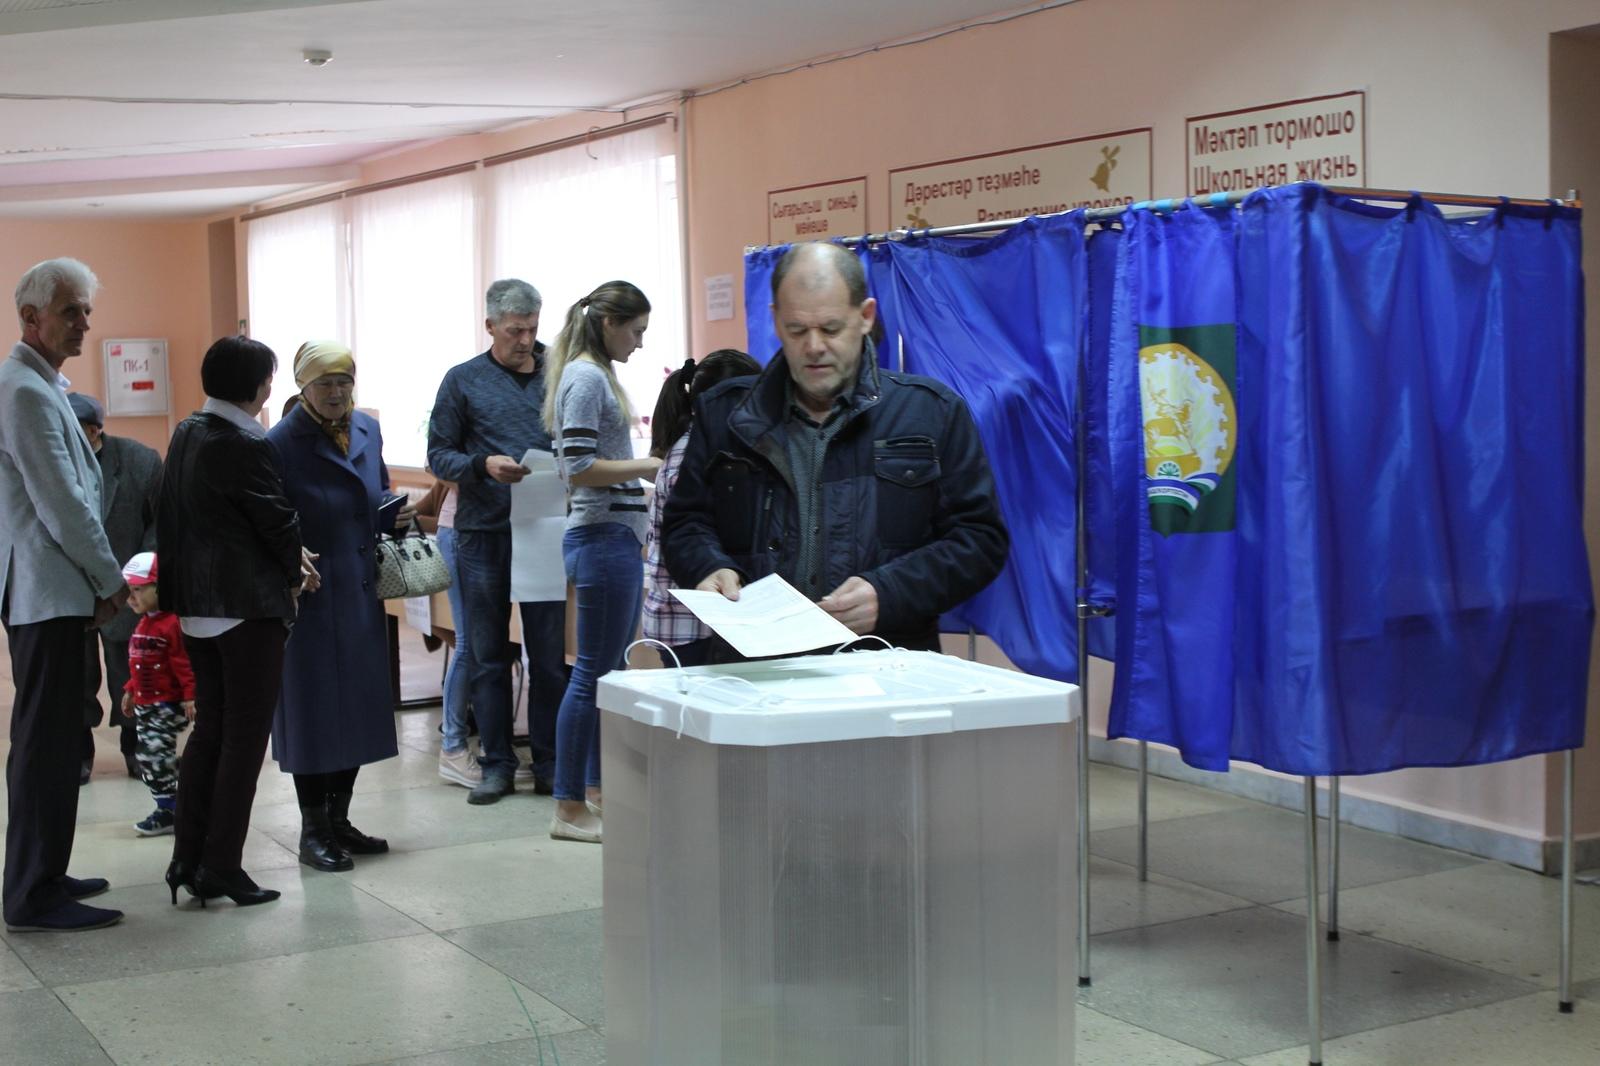 Явка на выборах главы республики составила 70%